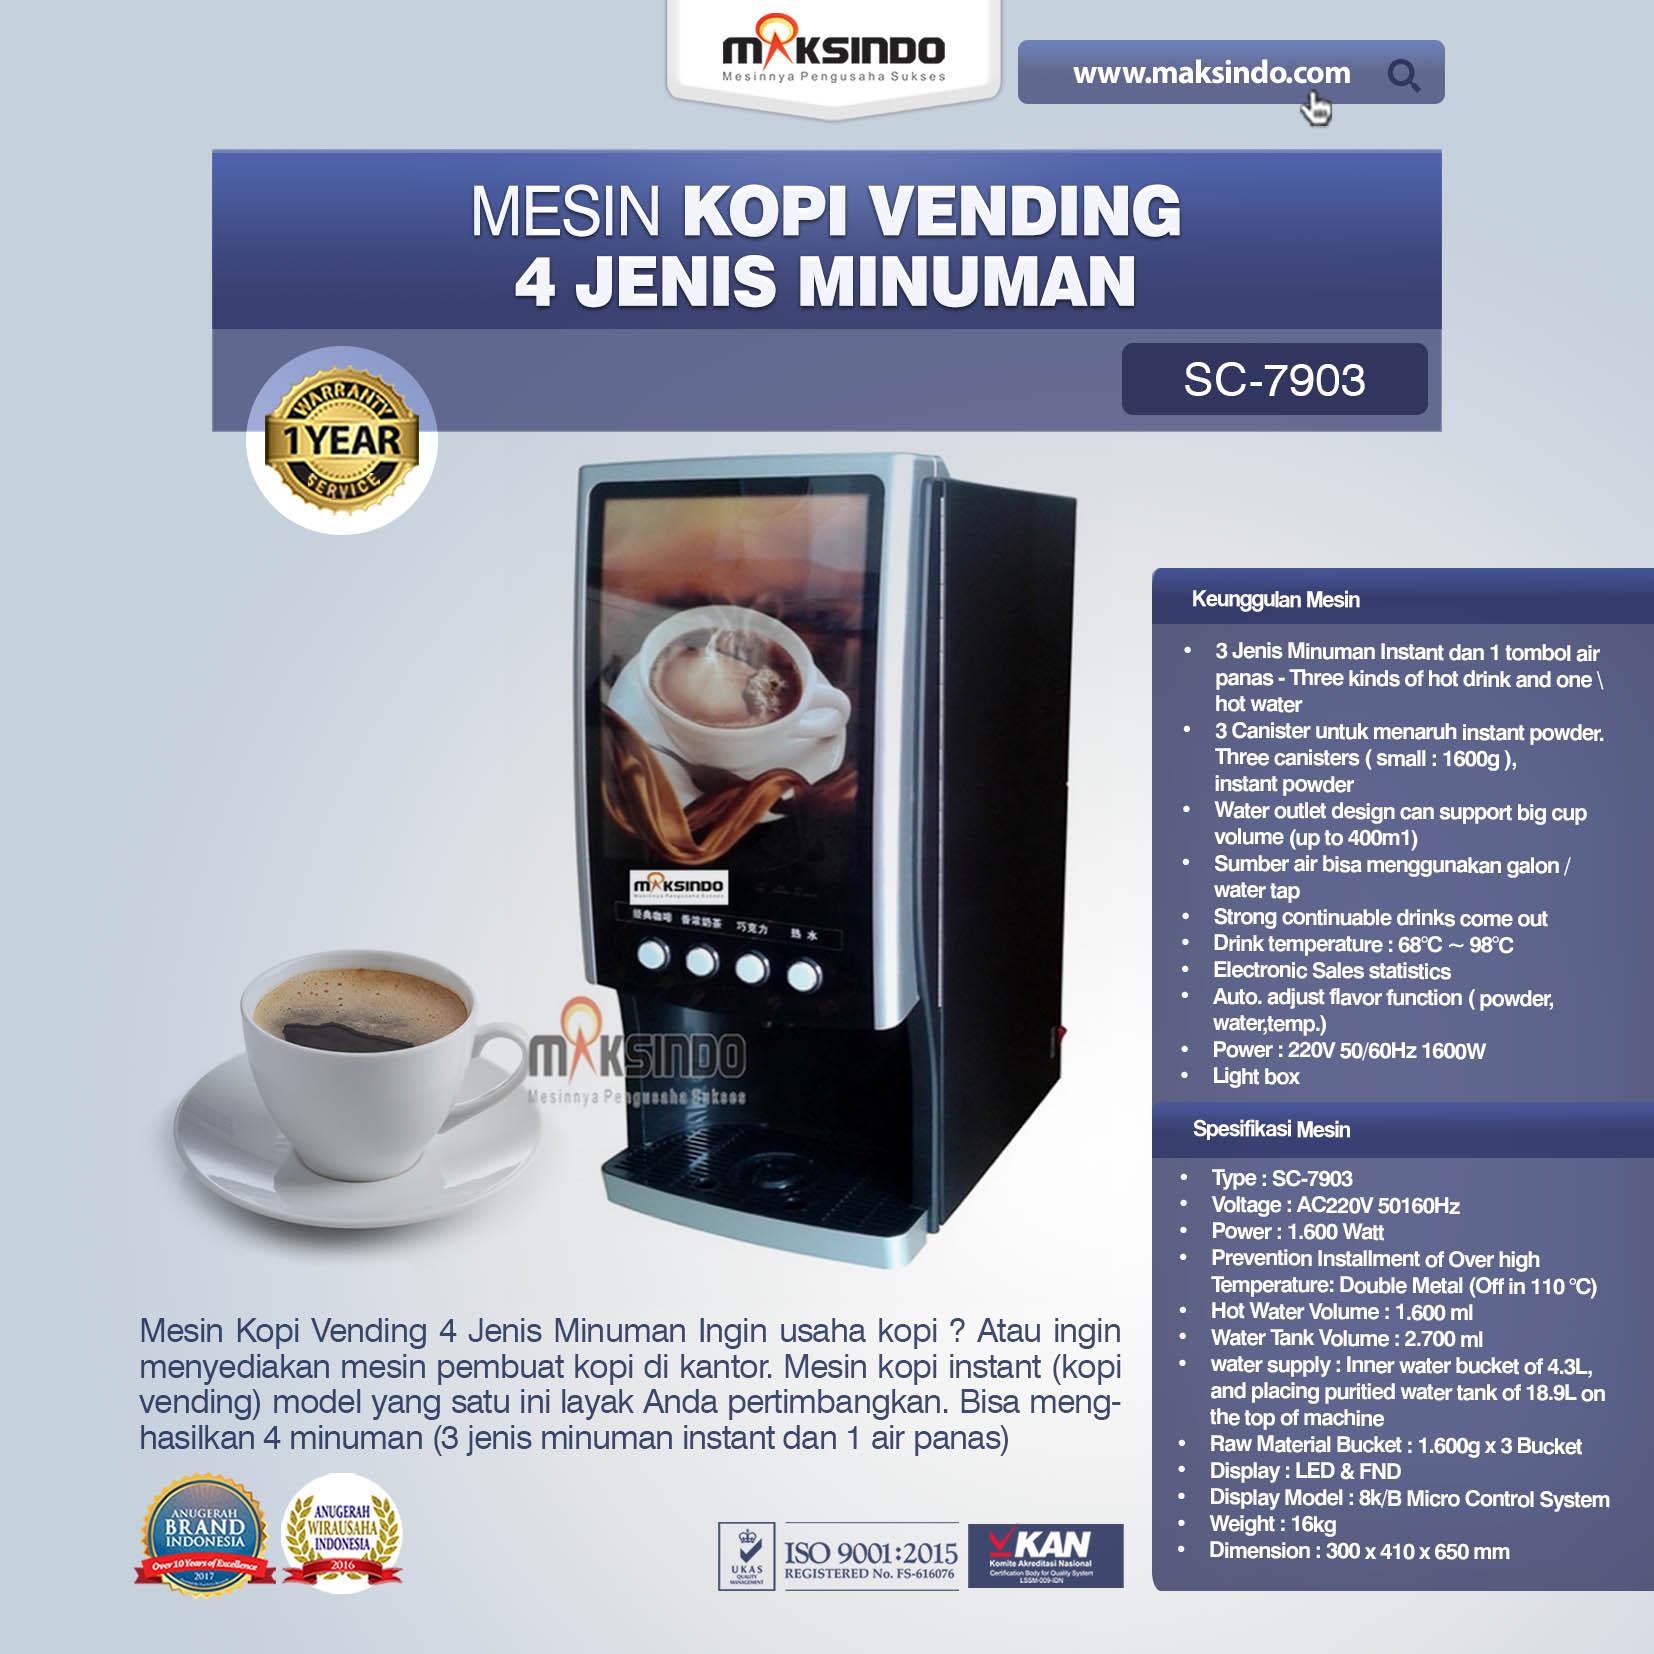 Jual Mesin Kopi Vending 4 Jenis Minuman di Bandung